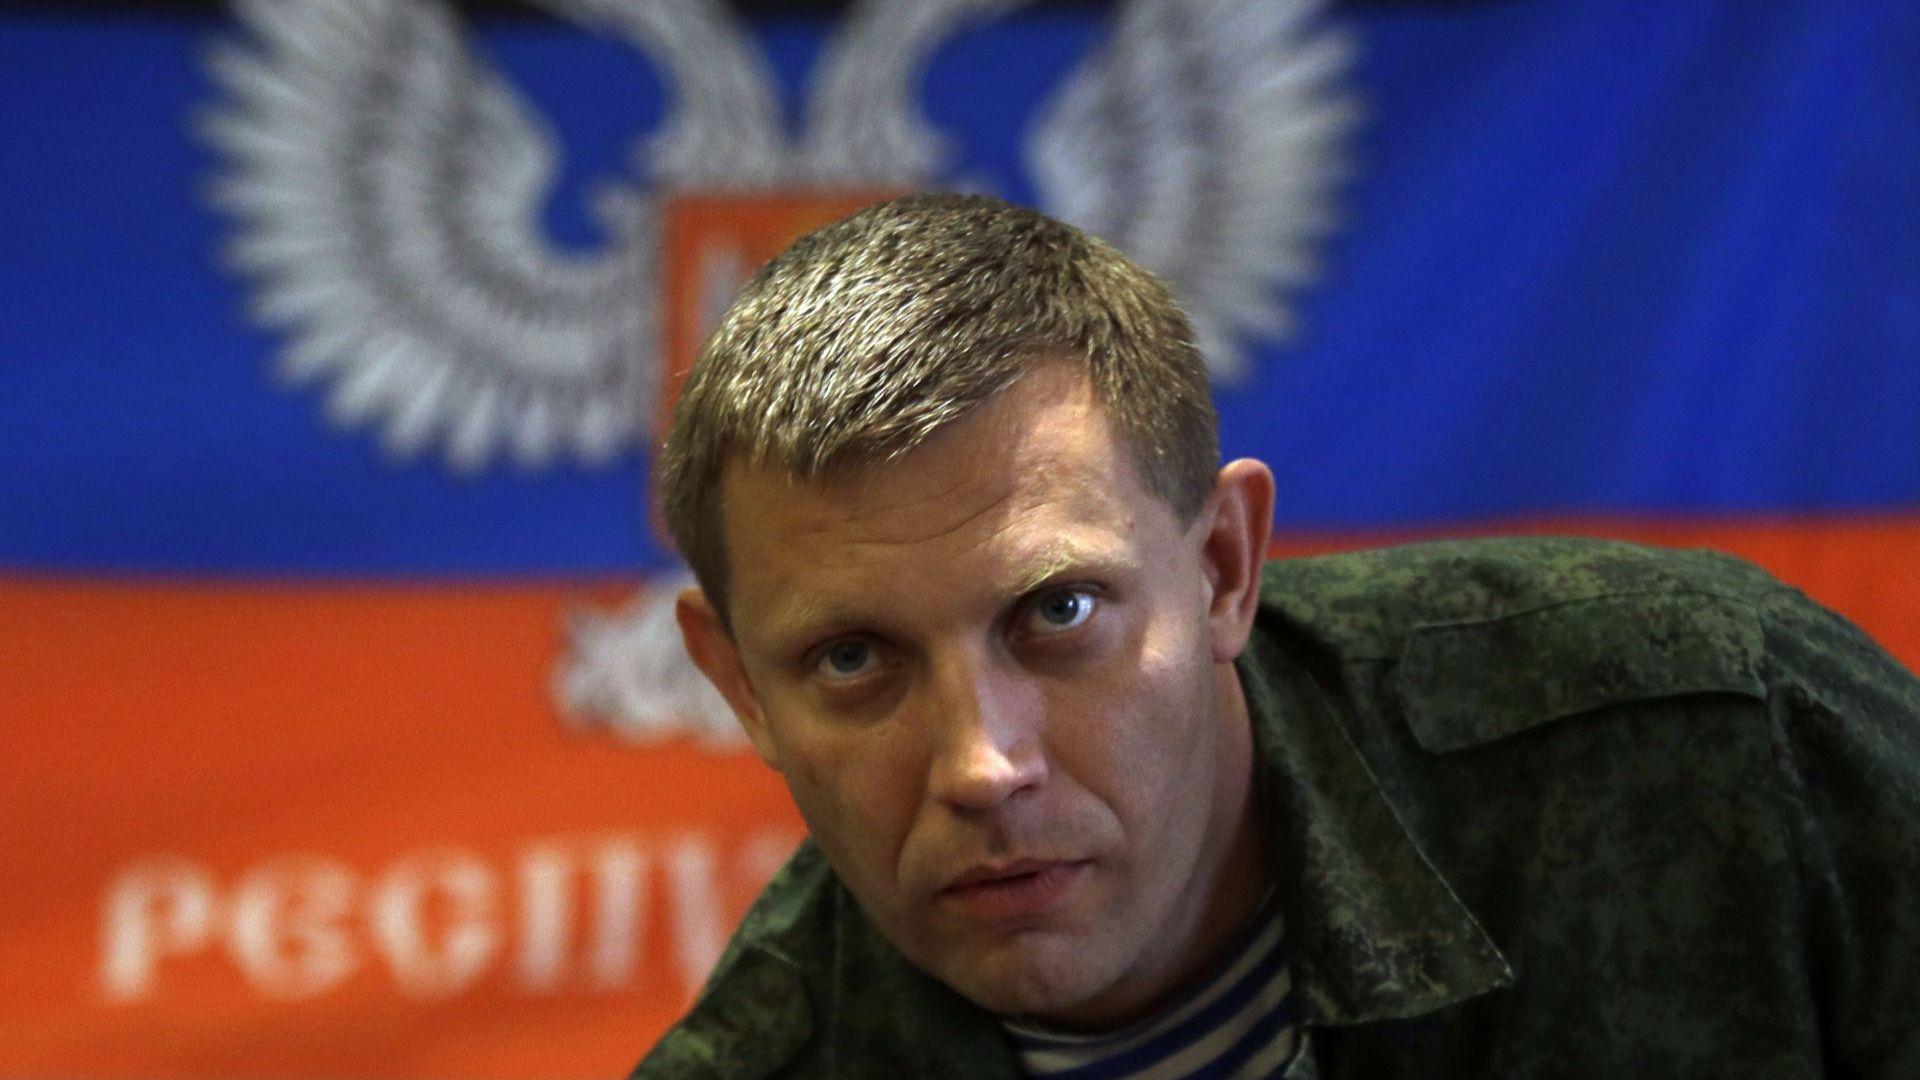 Смъртта на Захарченко е провокация, заяви говорителят на Кремъл